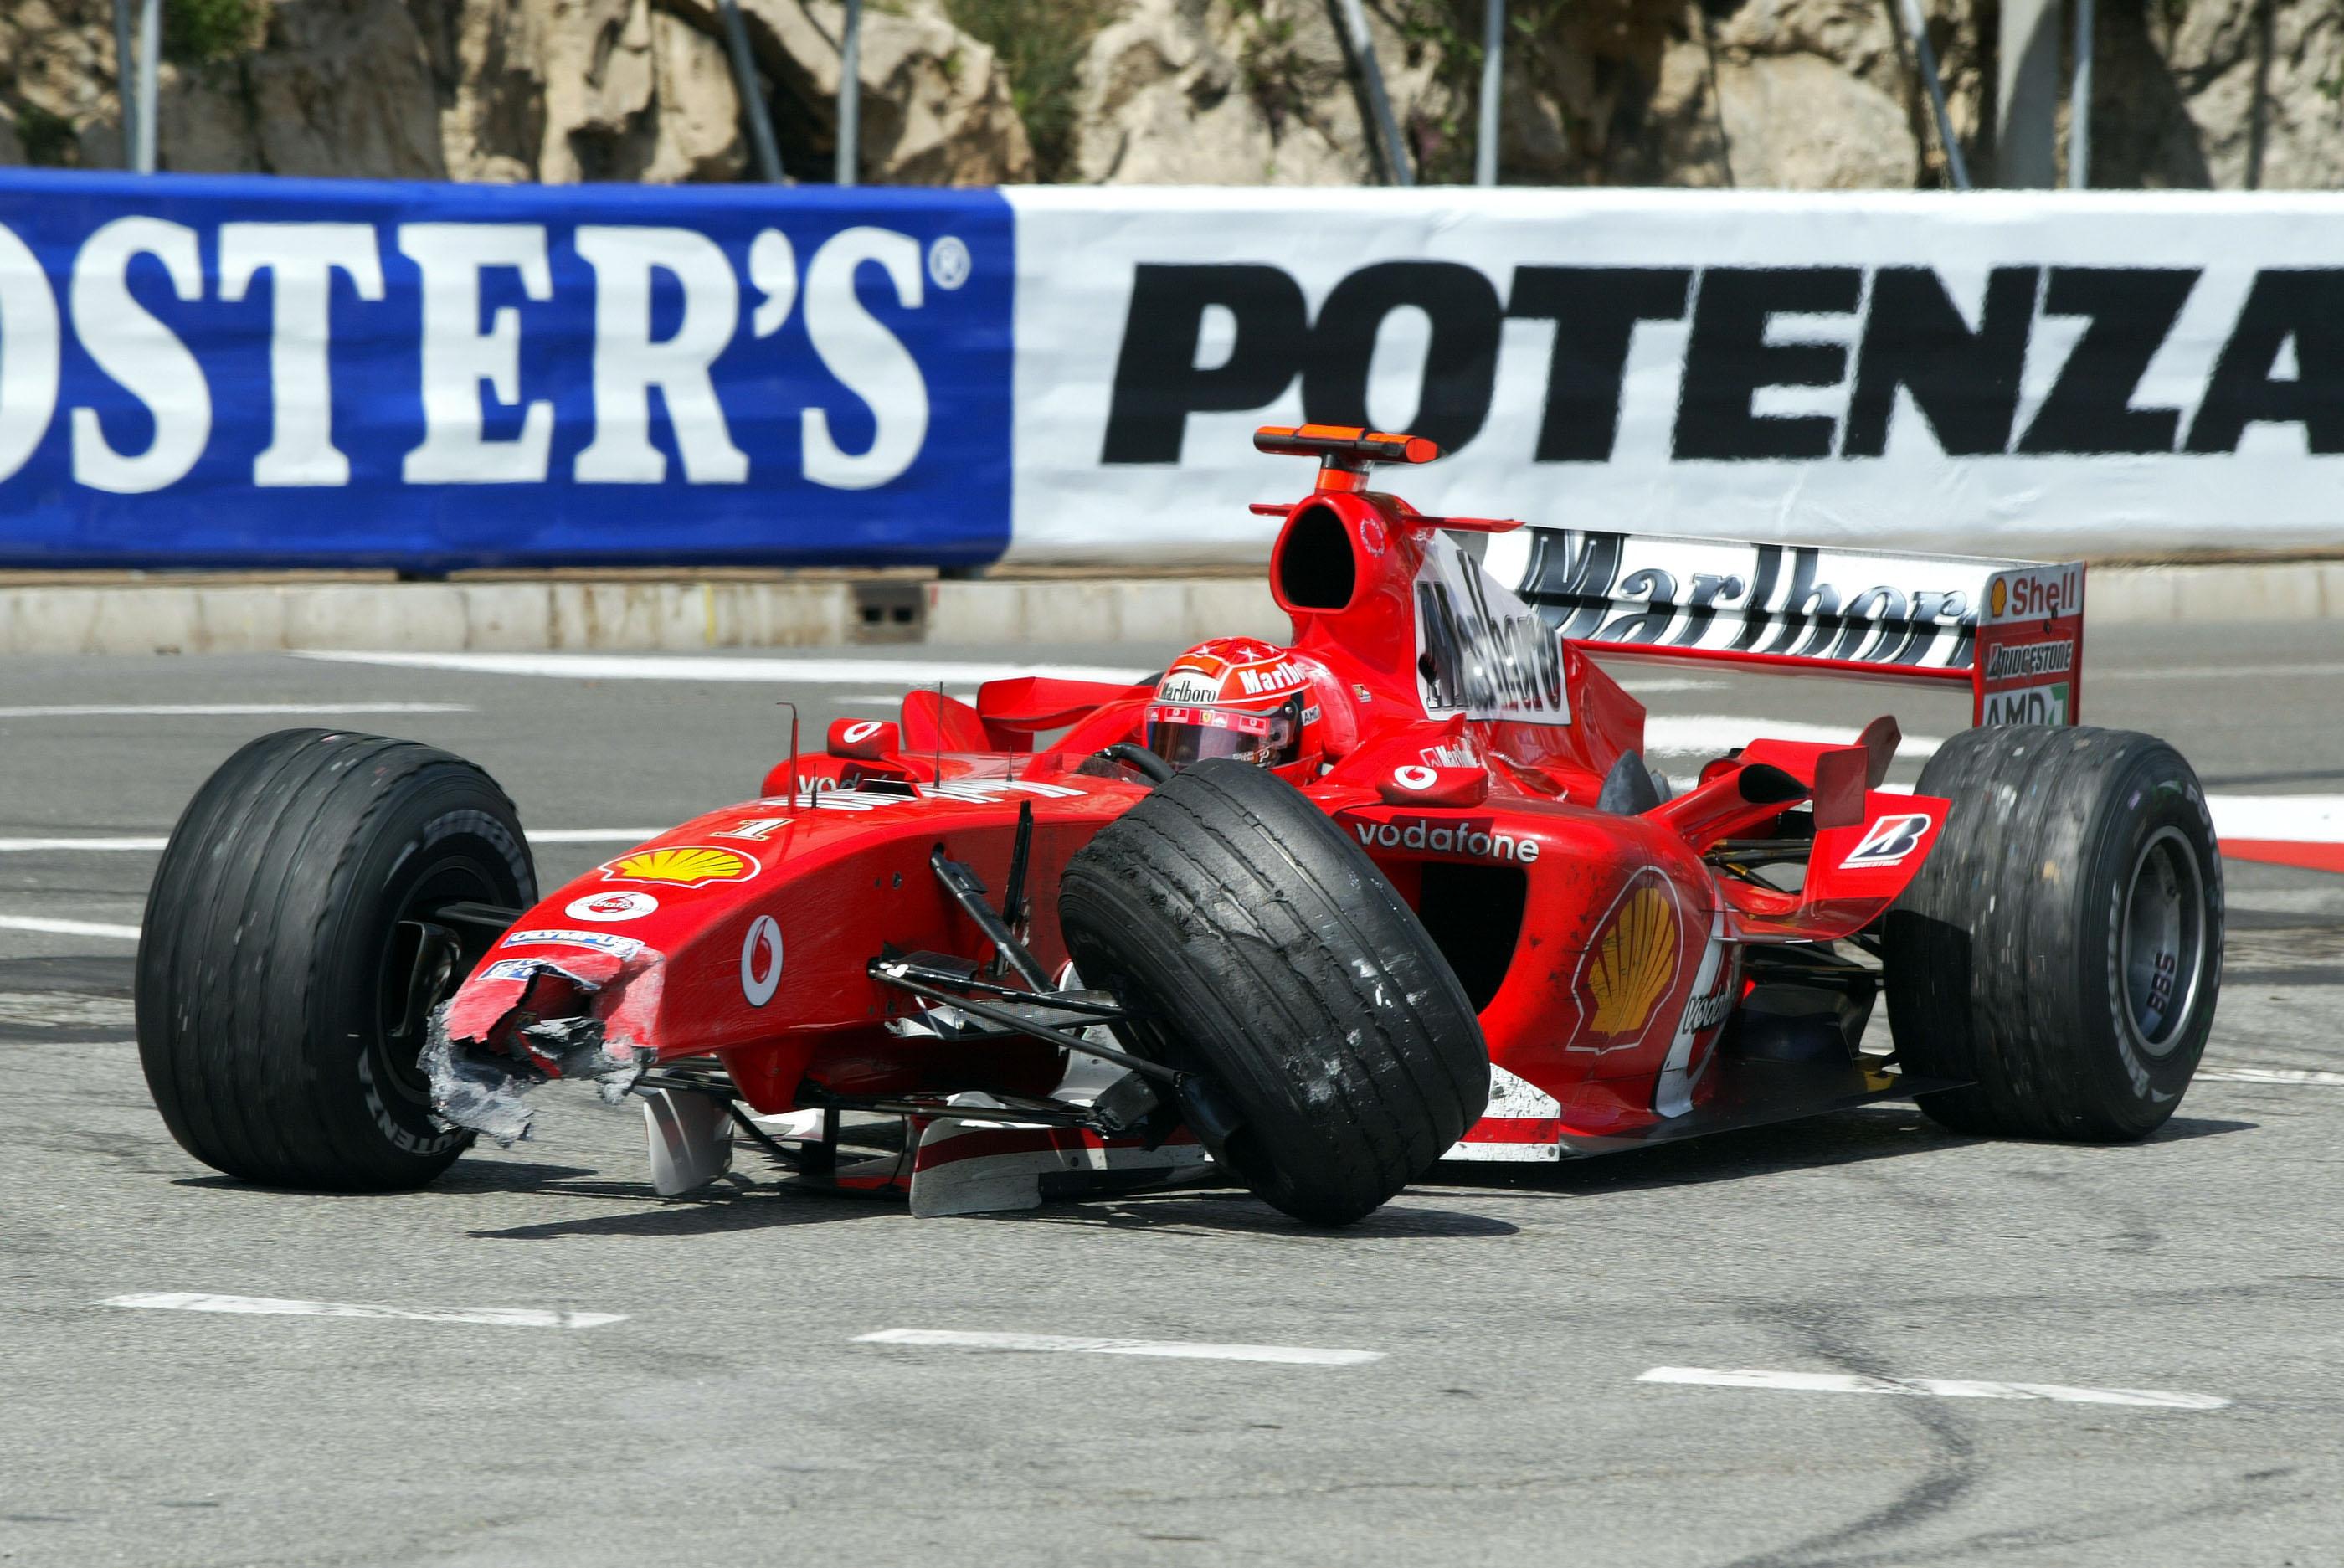 Michael Schumacher Monaco crash damage Ferrari F1 2004